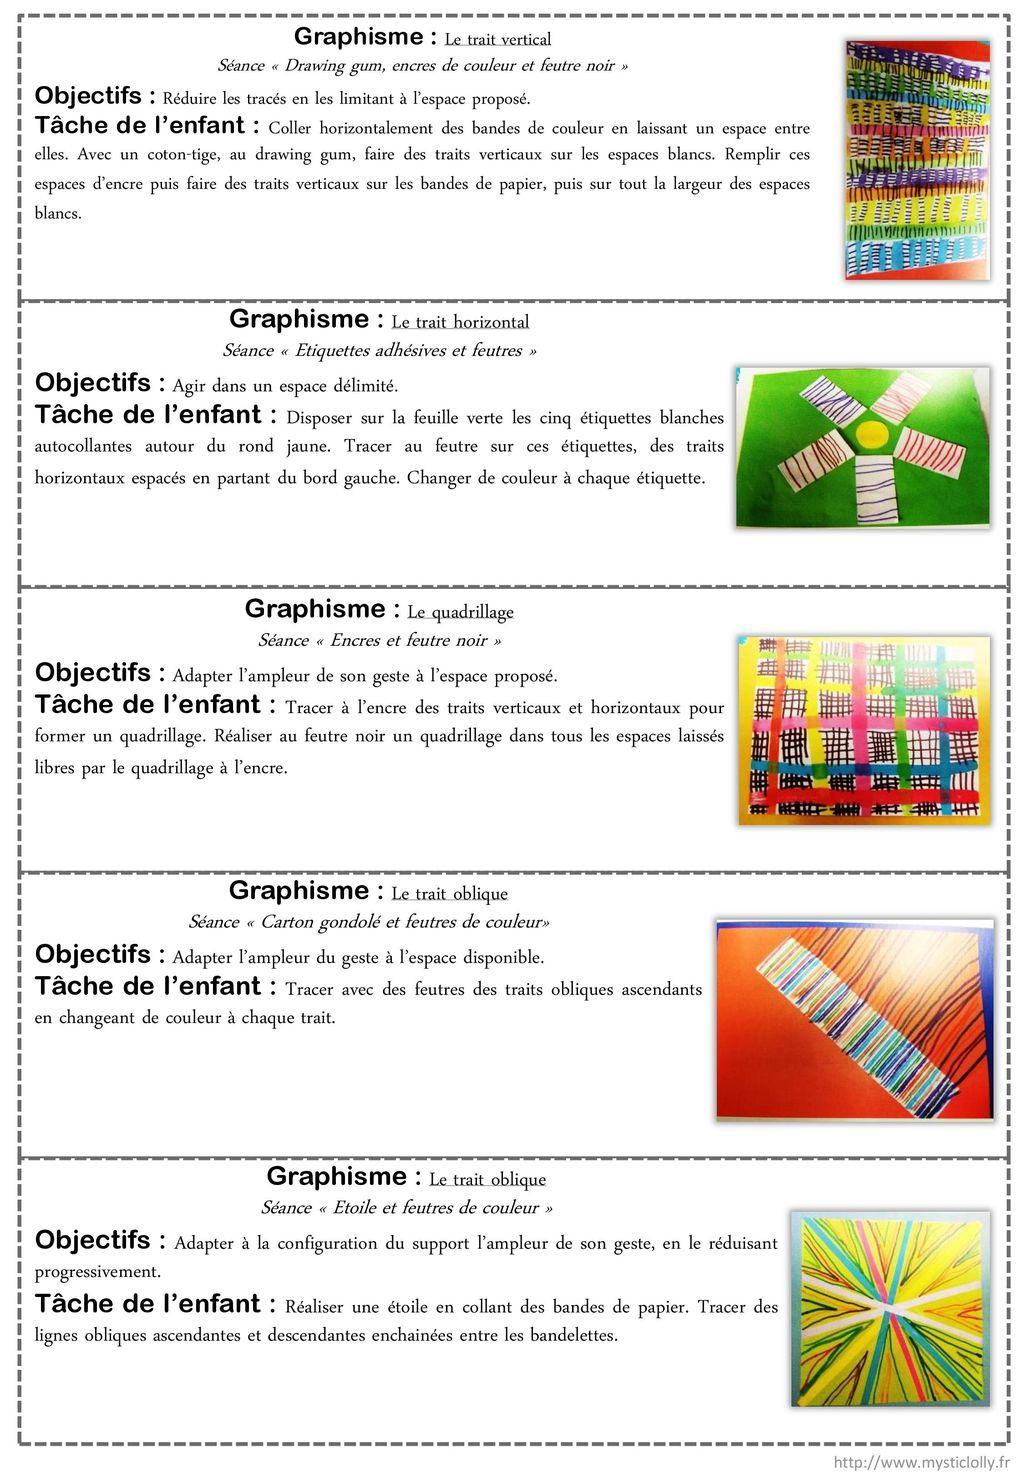 Liste Des Consignes : Ateliers Graphiques Ms - Ppt Télécharger avec Traits Obliques Ms